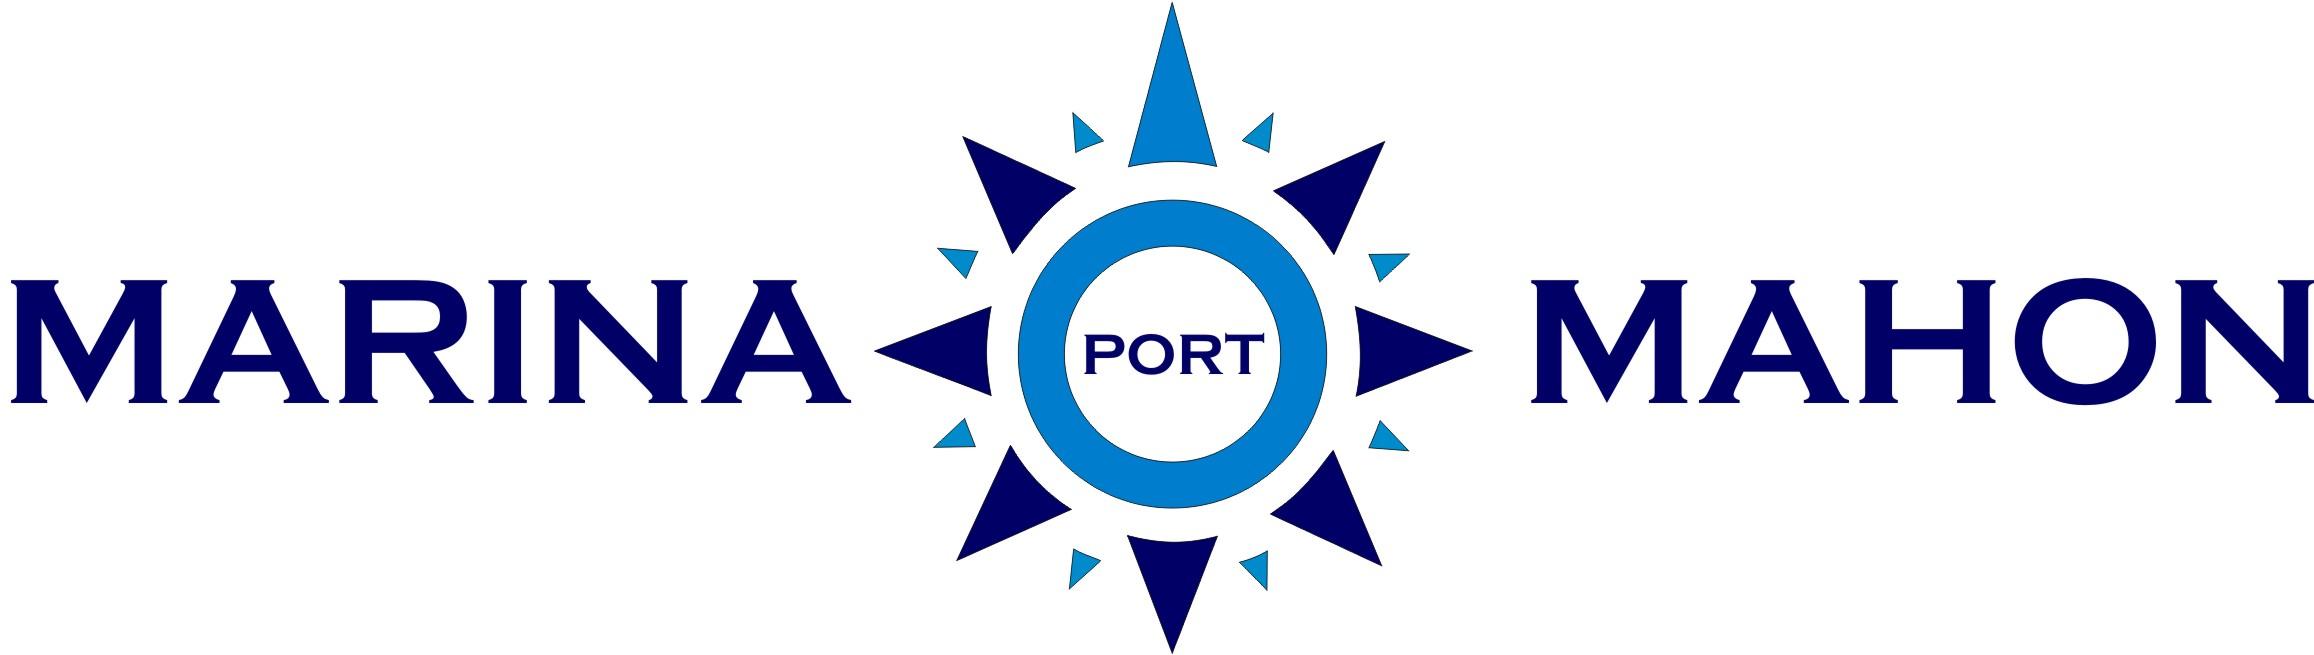 Marina port Mahon